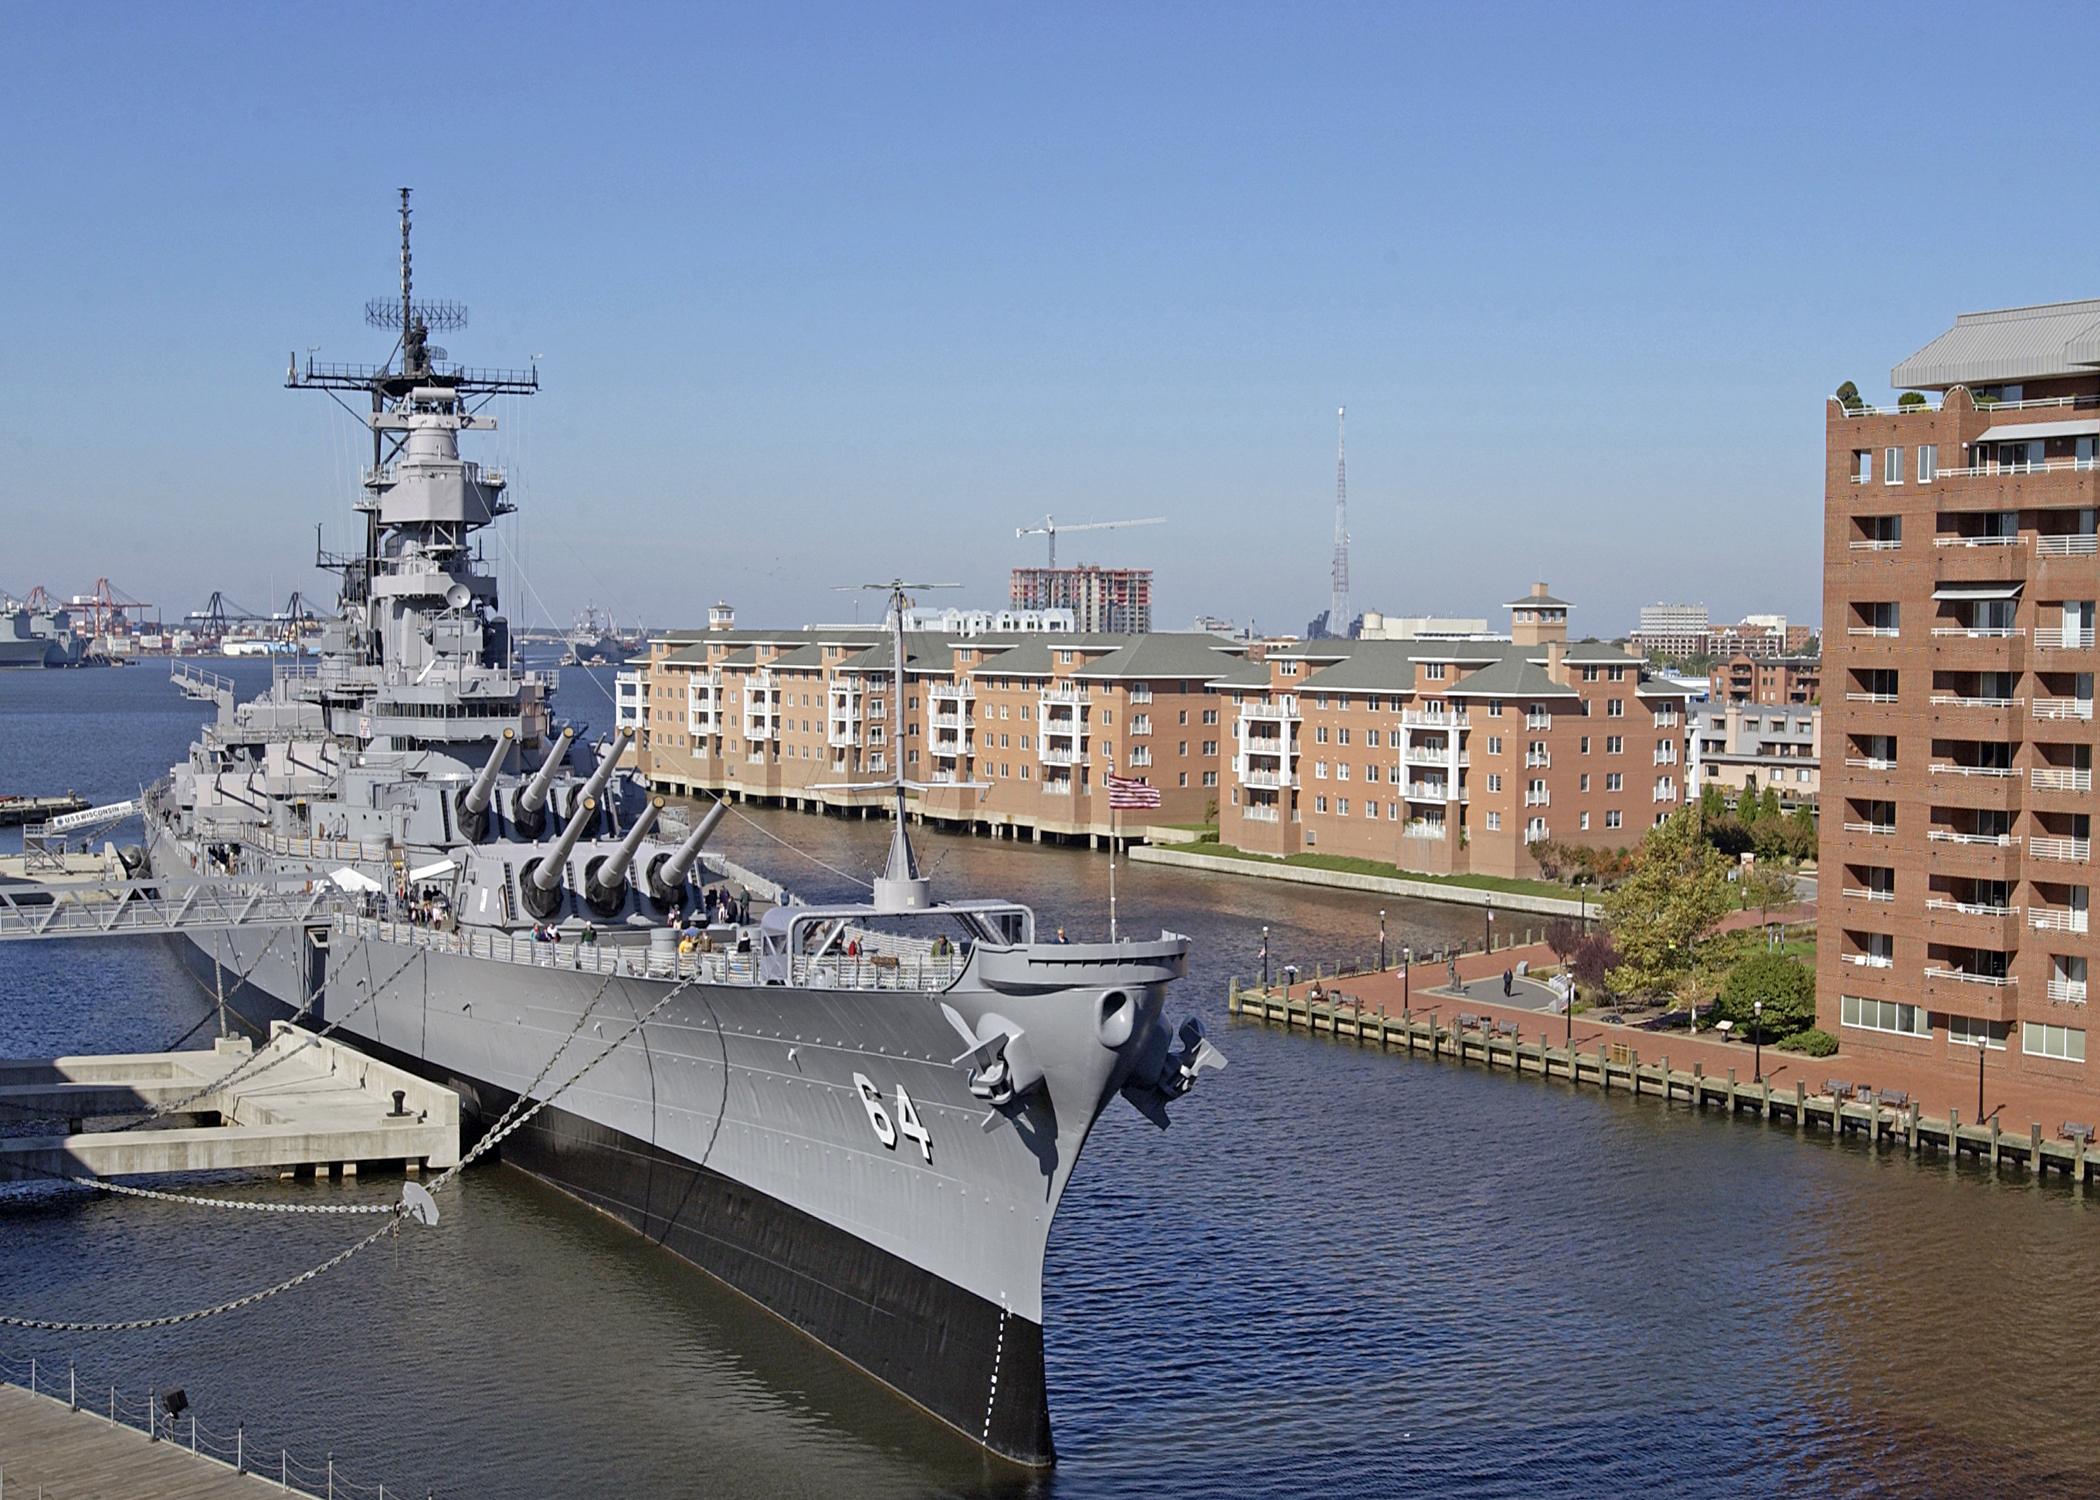 Battleship Tours In South Carolina